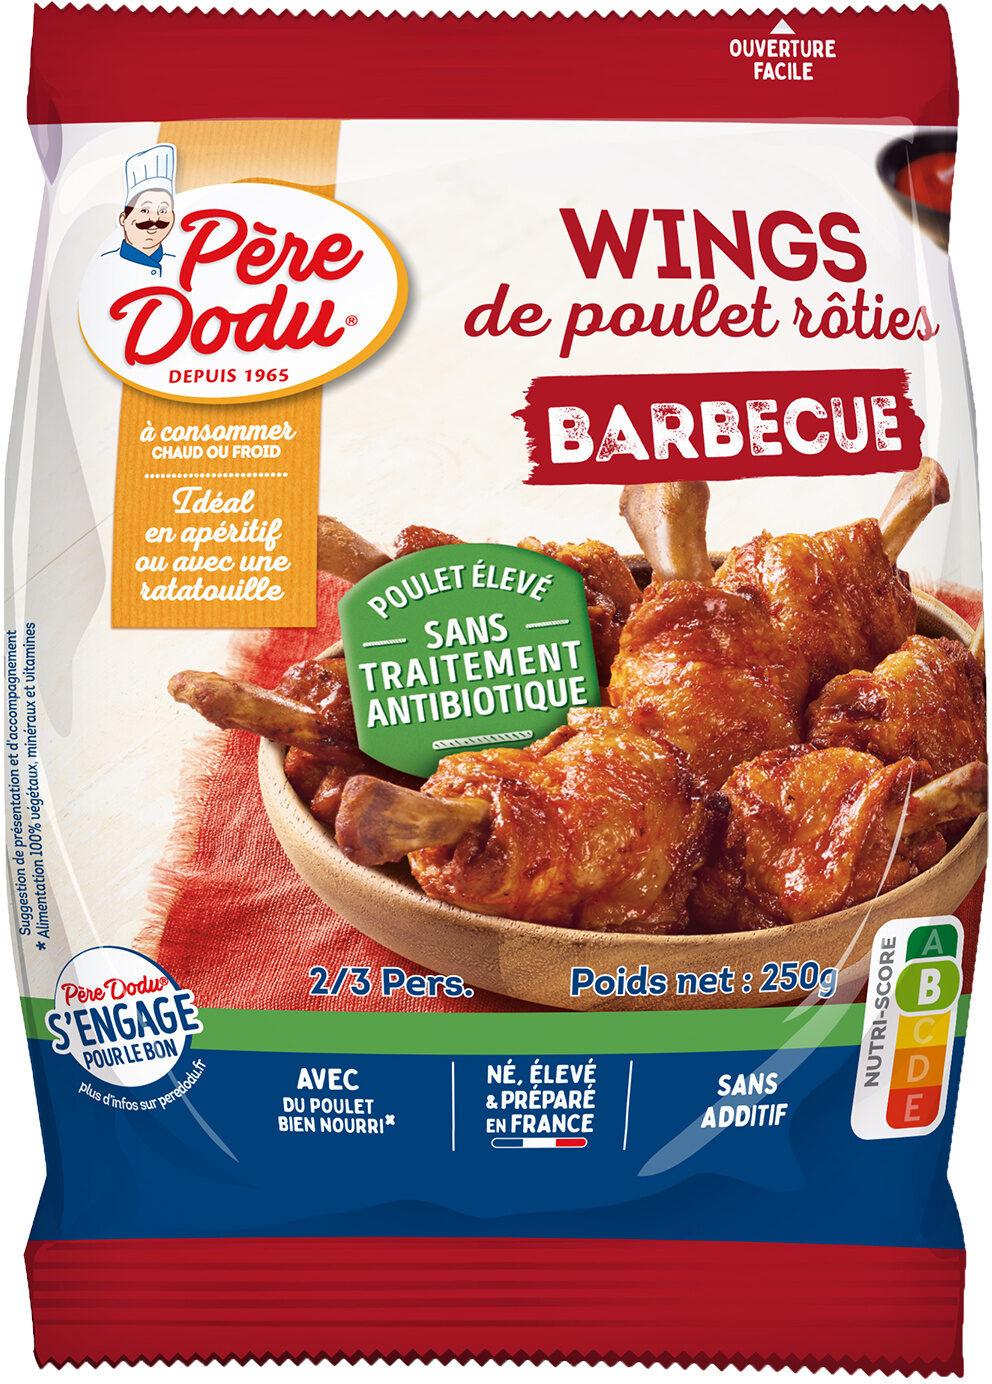 Wings de poulet roties barbecue eleves sans traitement antibiotique - Prodotto - fr